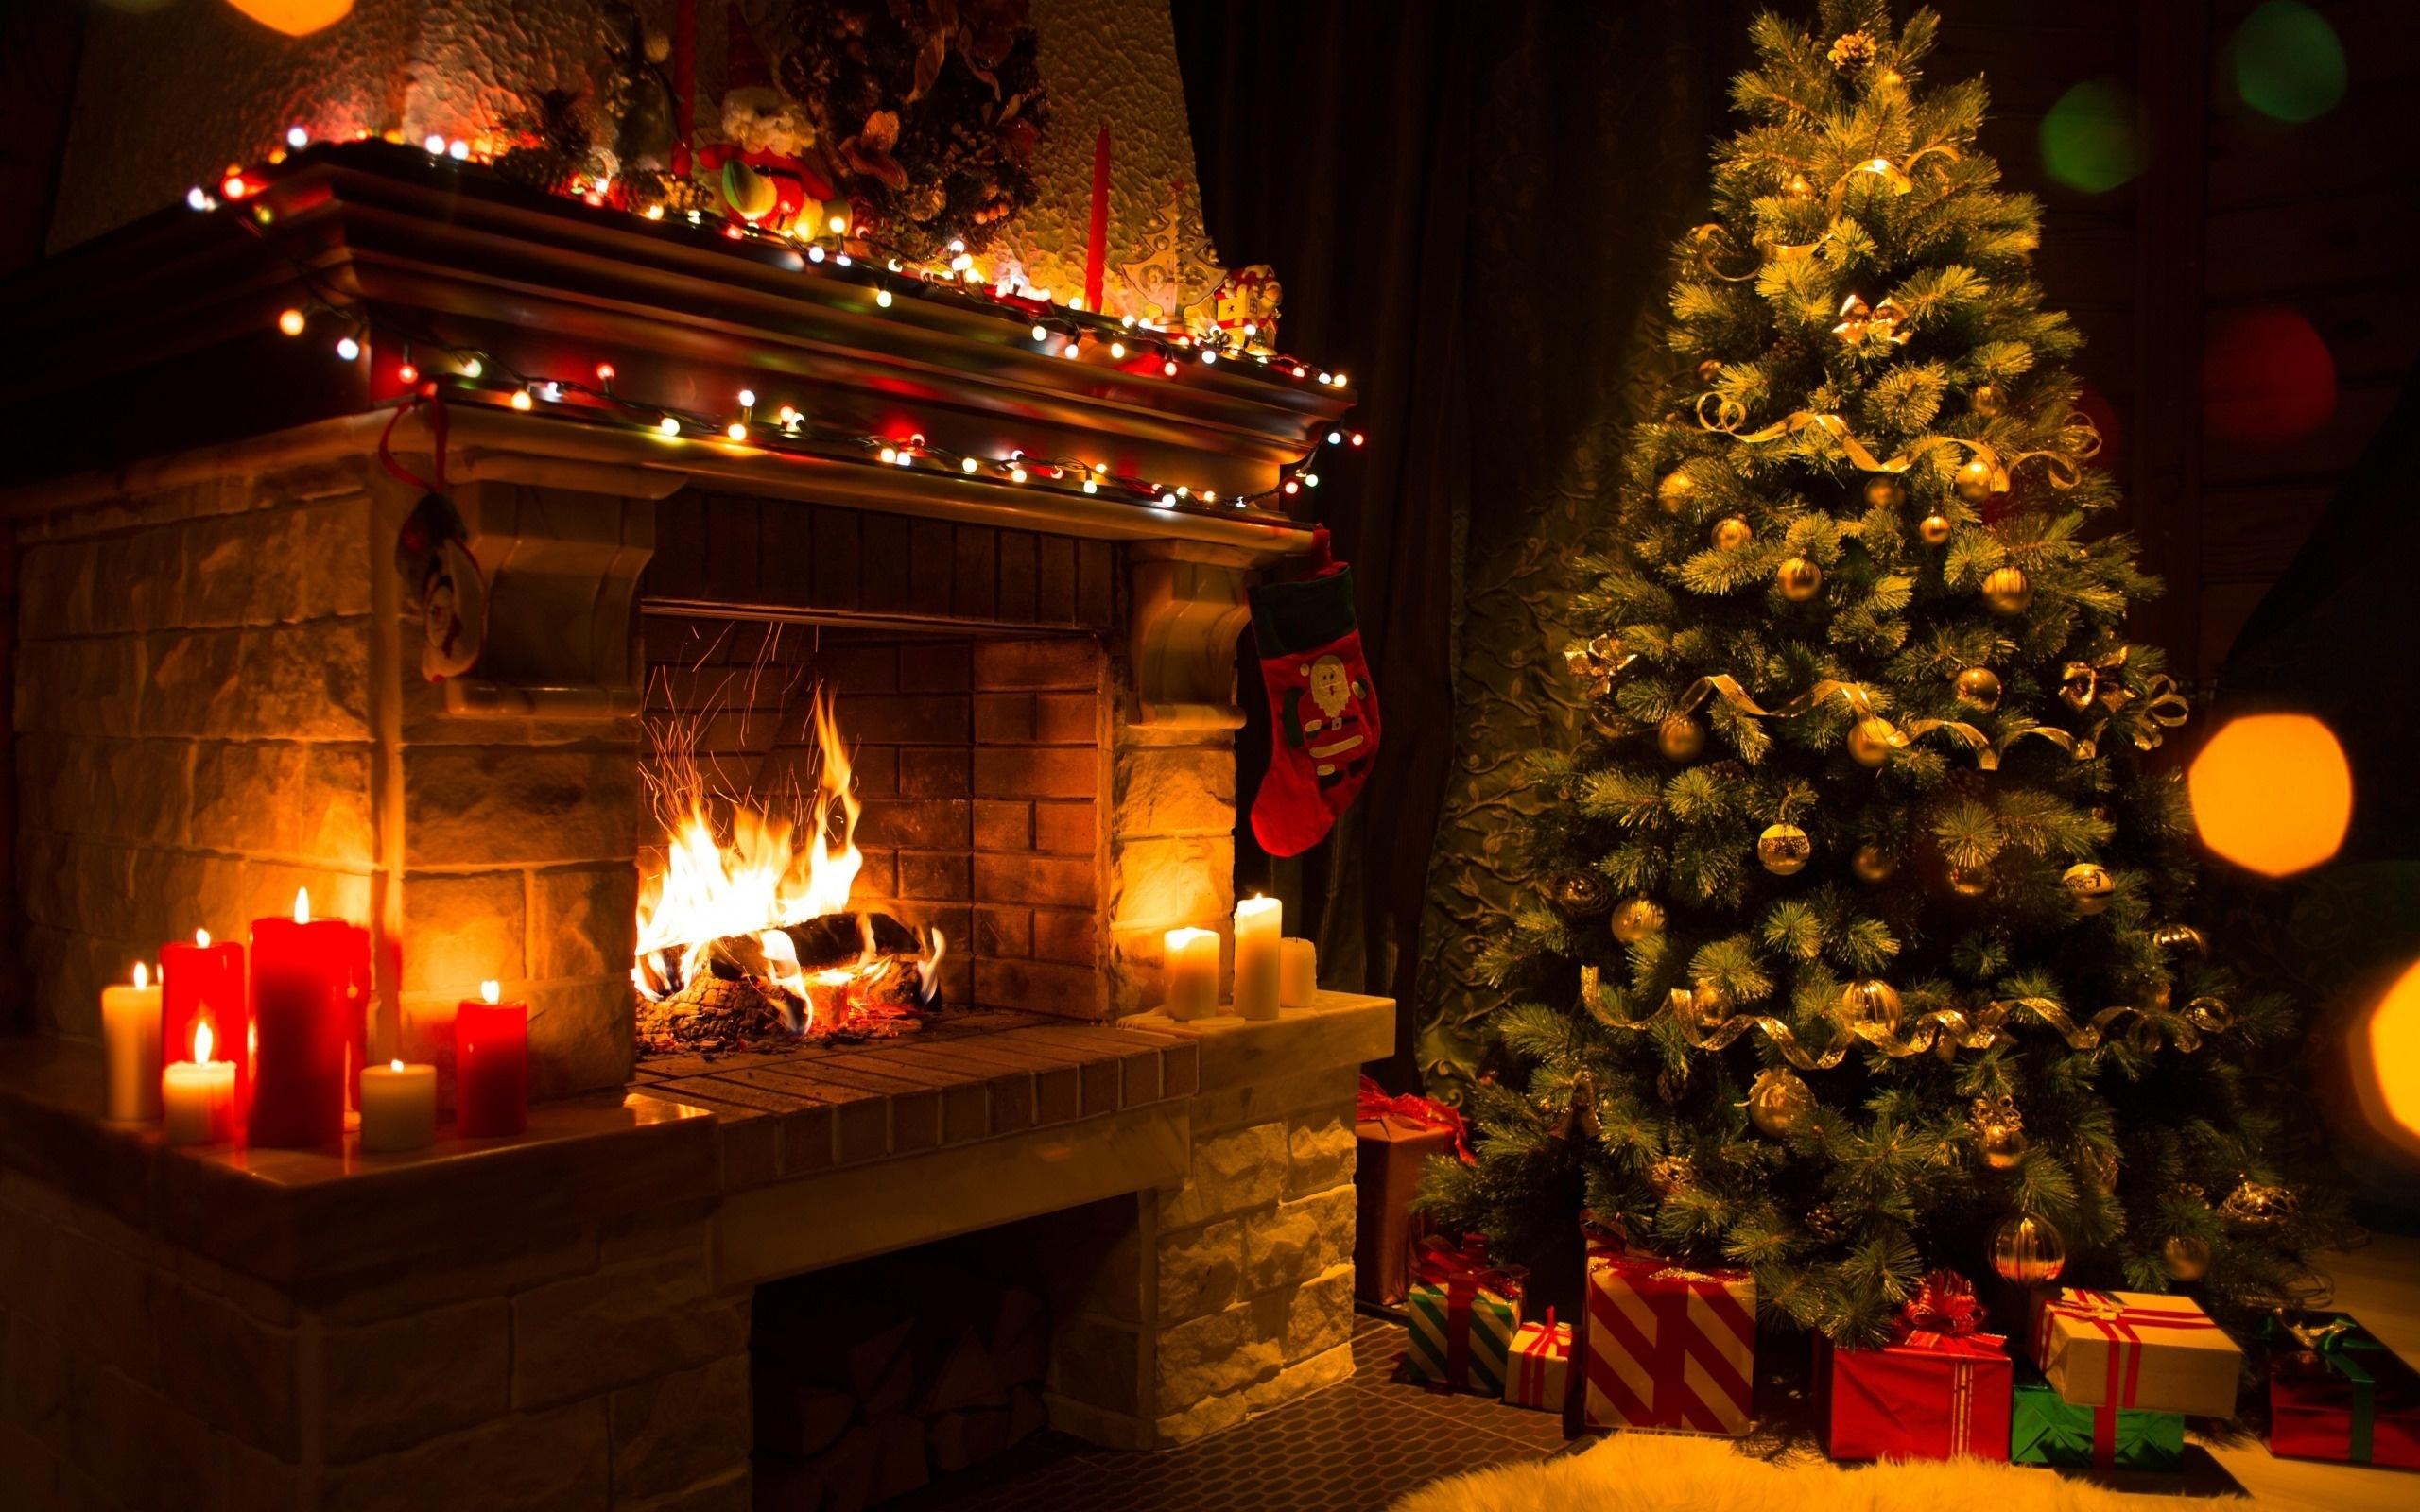 картинки зима камин огни